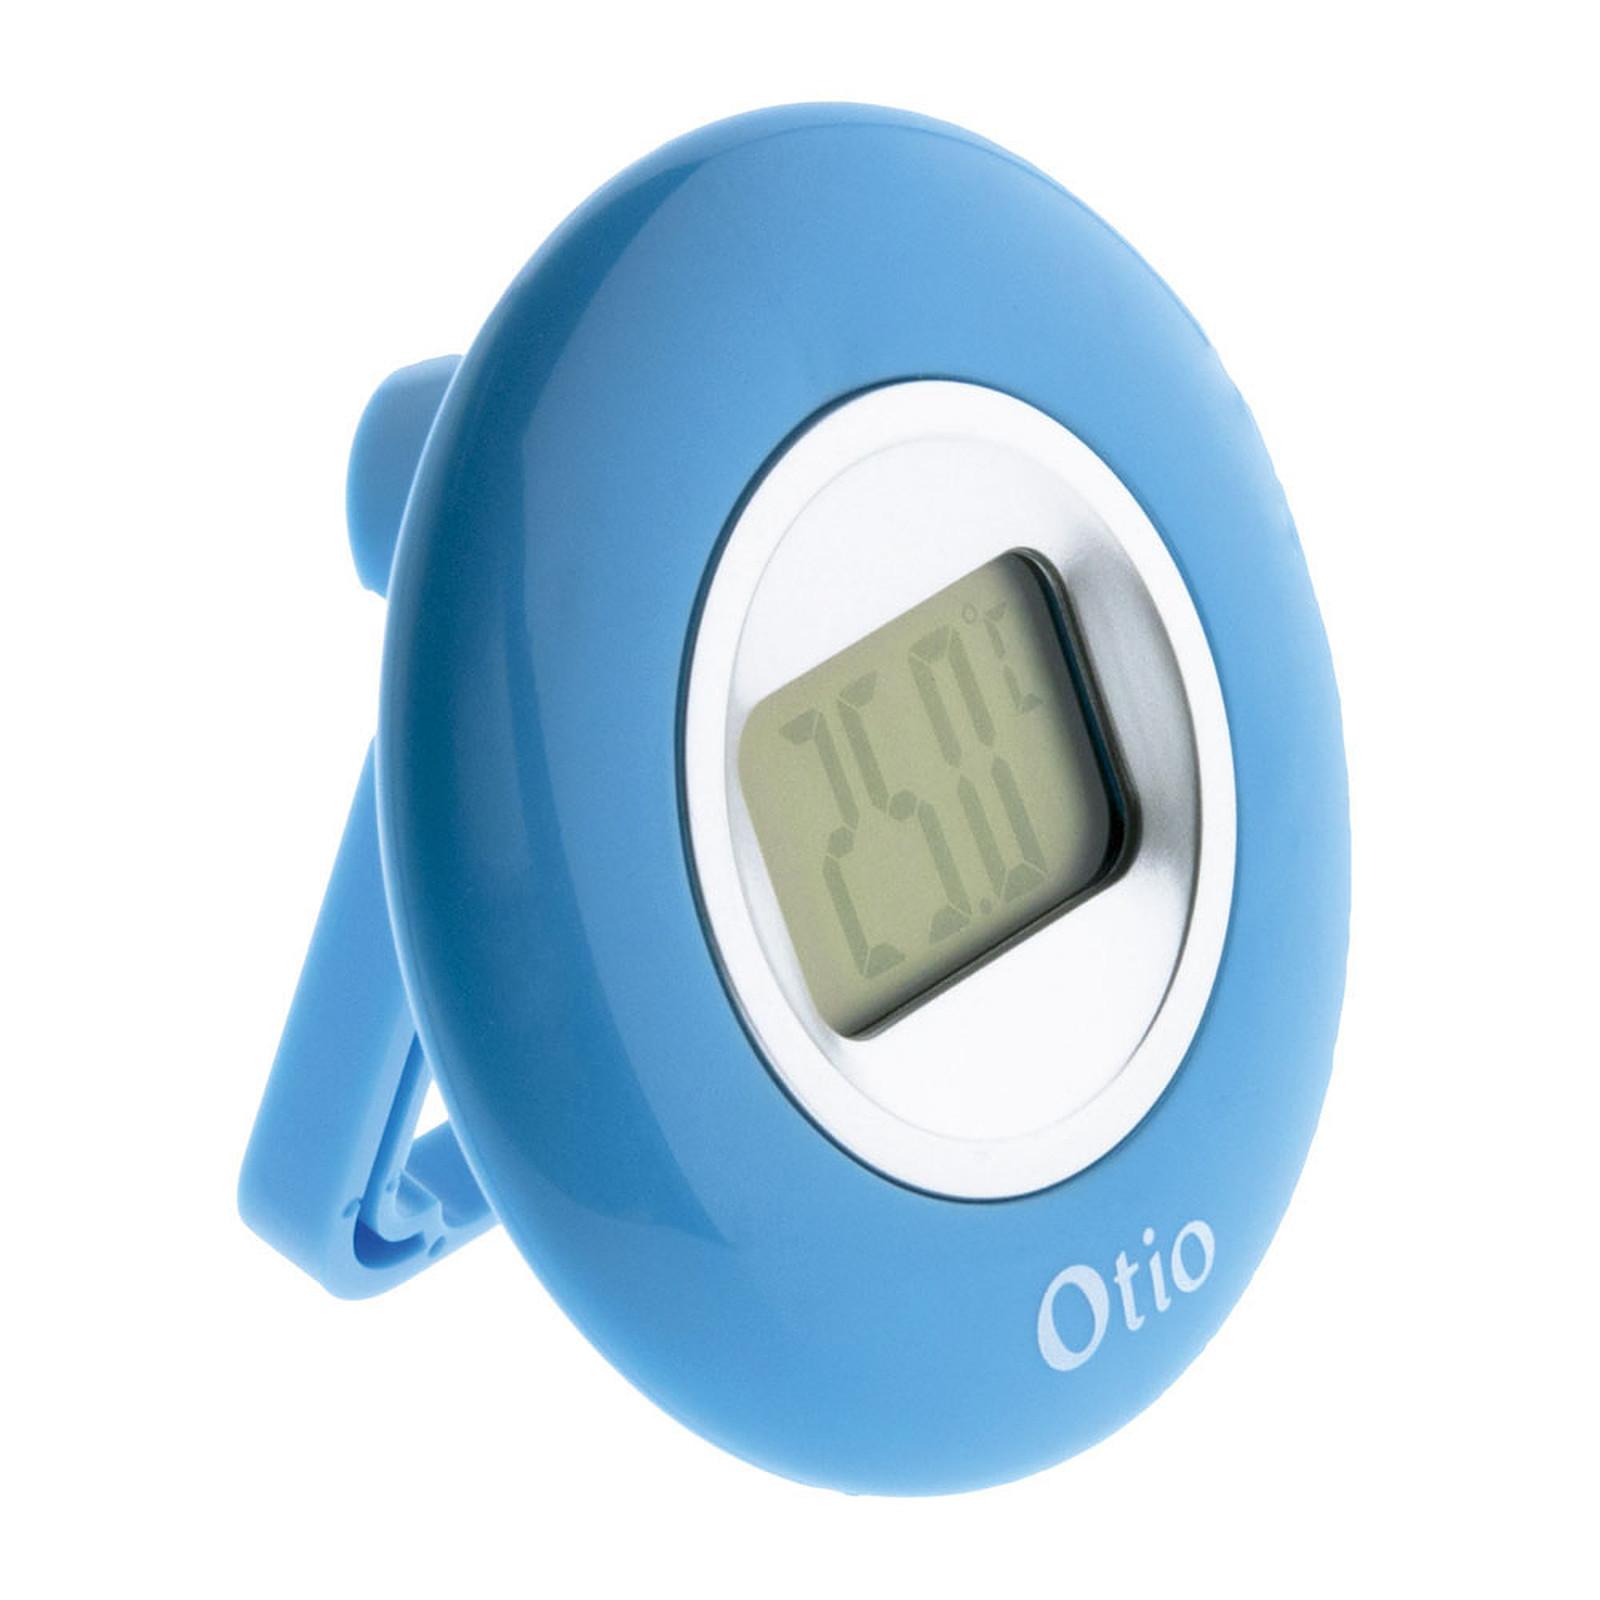 Otio Thermomètre intérieur à écran LCD Bleu